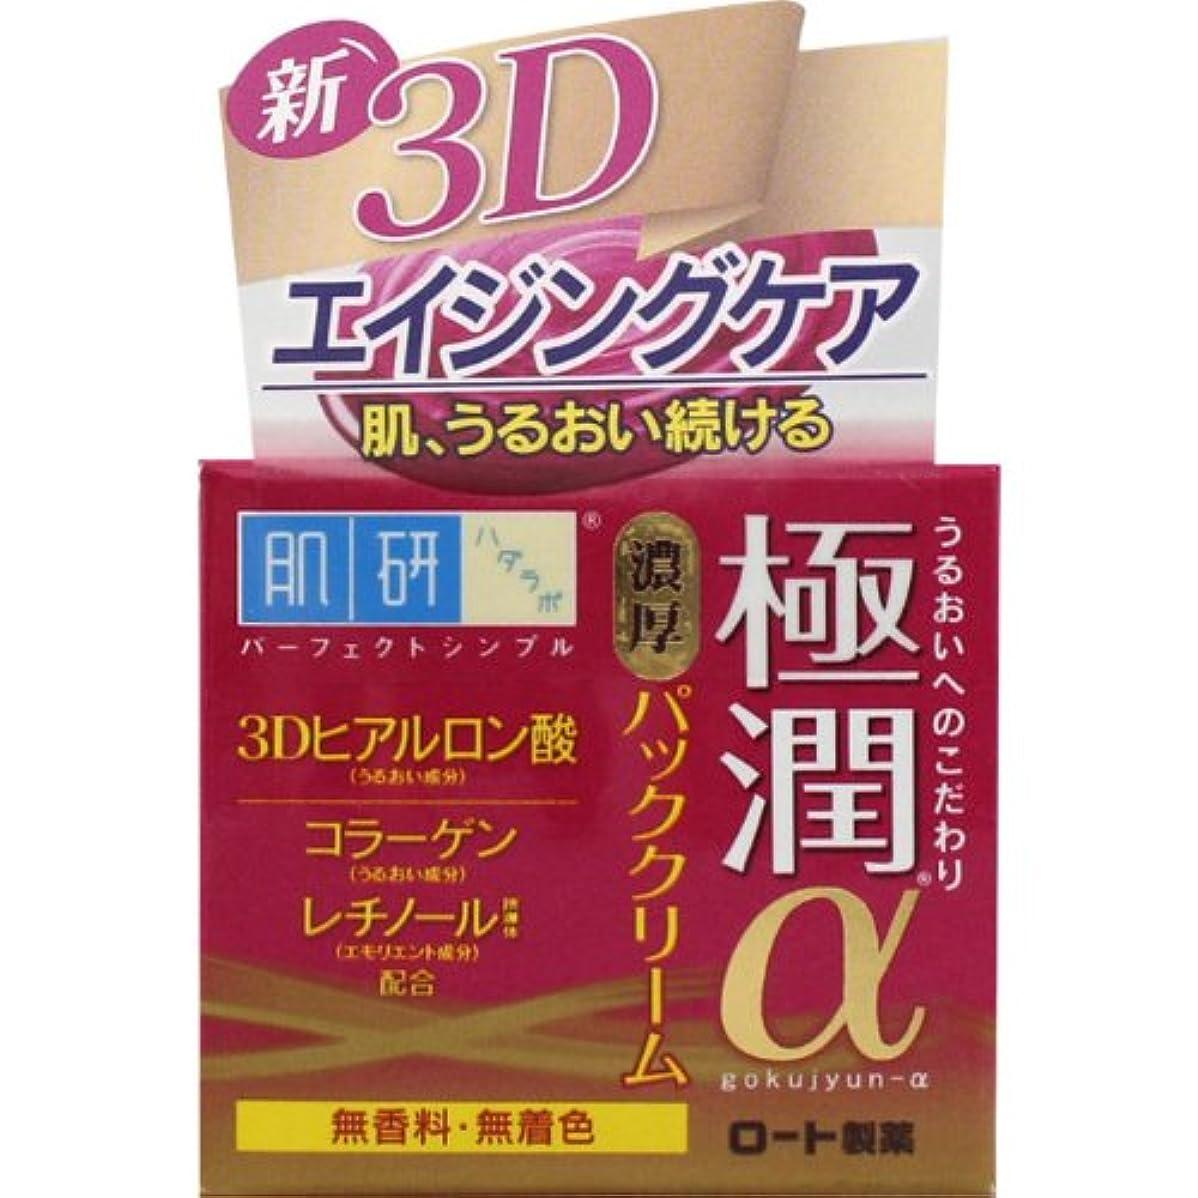 神経打ち上げる増幅肌研(ハダラボ) 極潤 αパッククリーム 50g